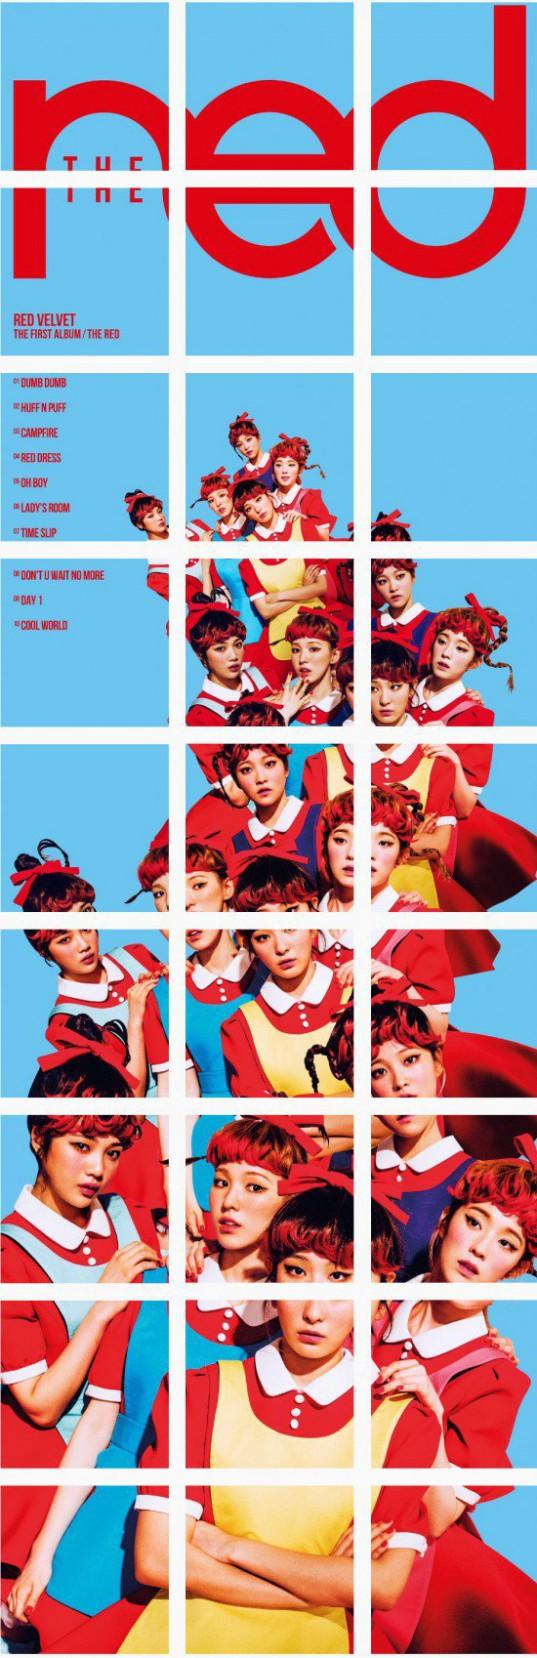 red-velvet_1441301093_redvelvetalbum